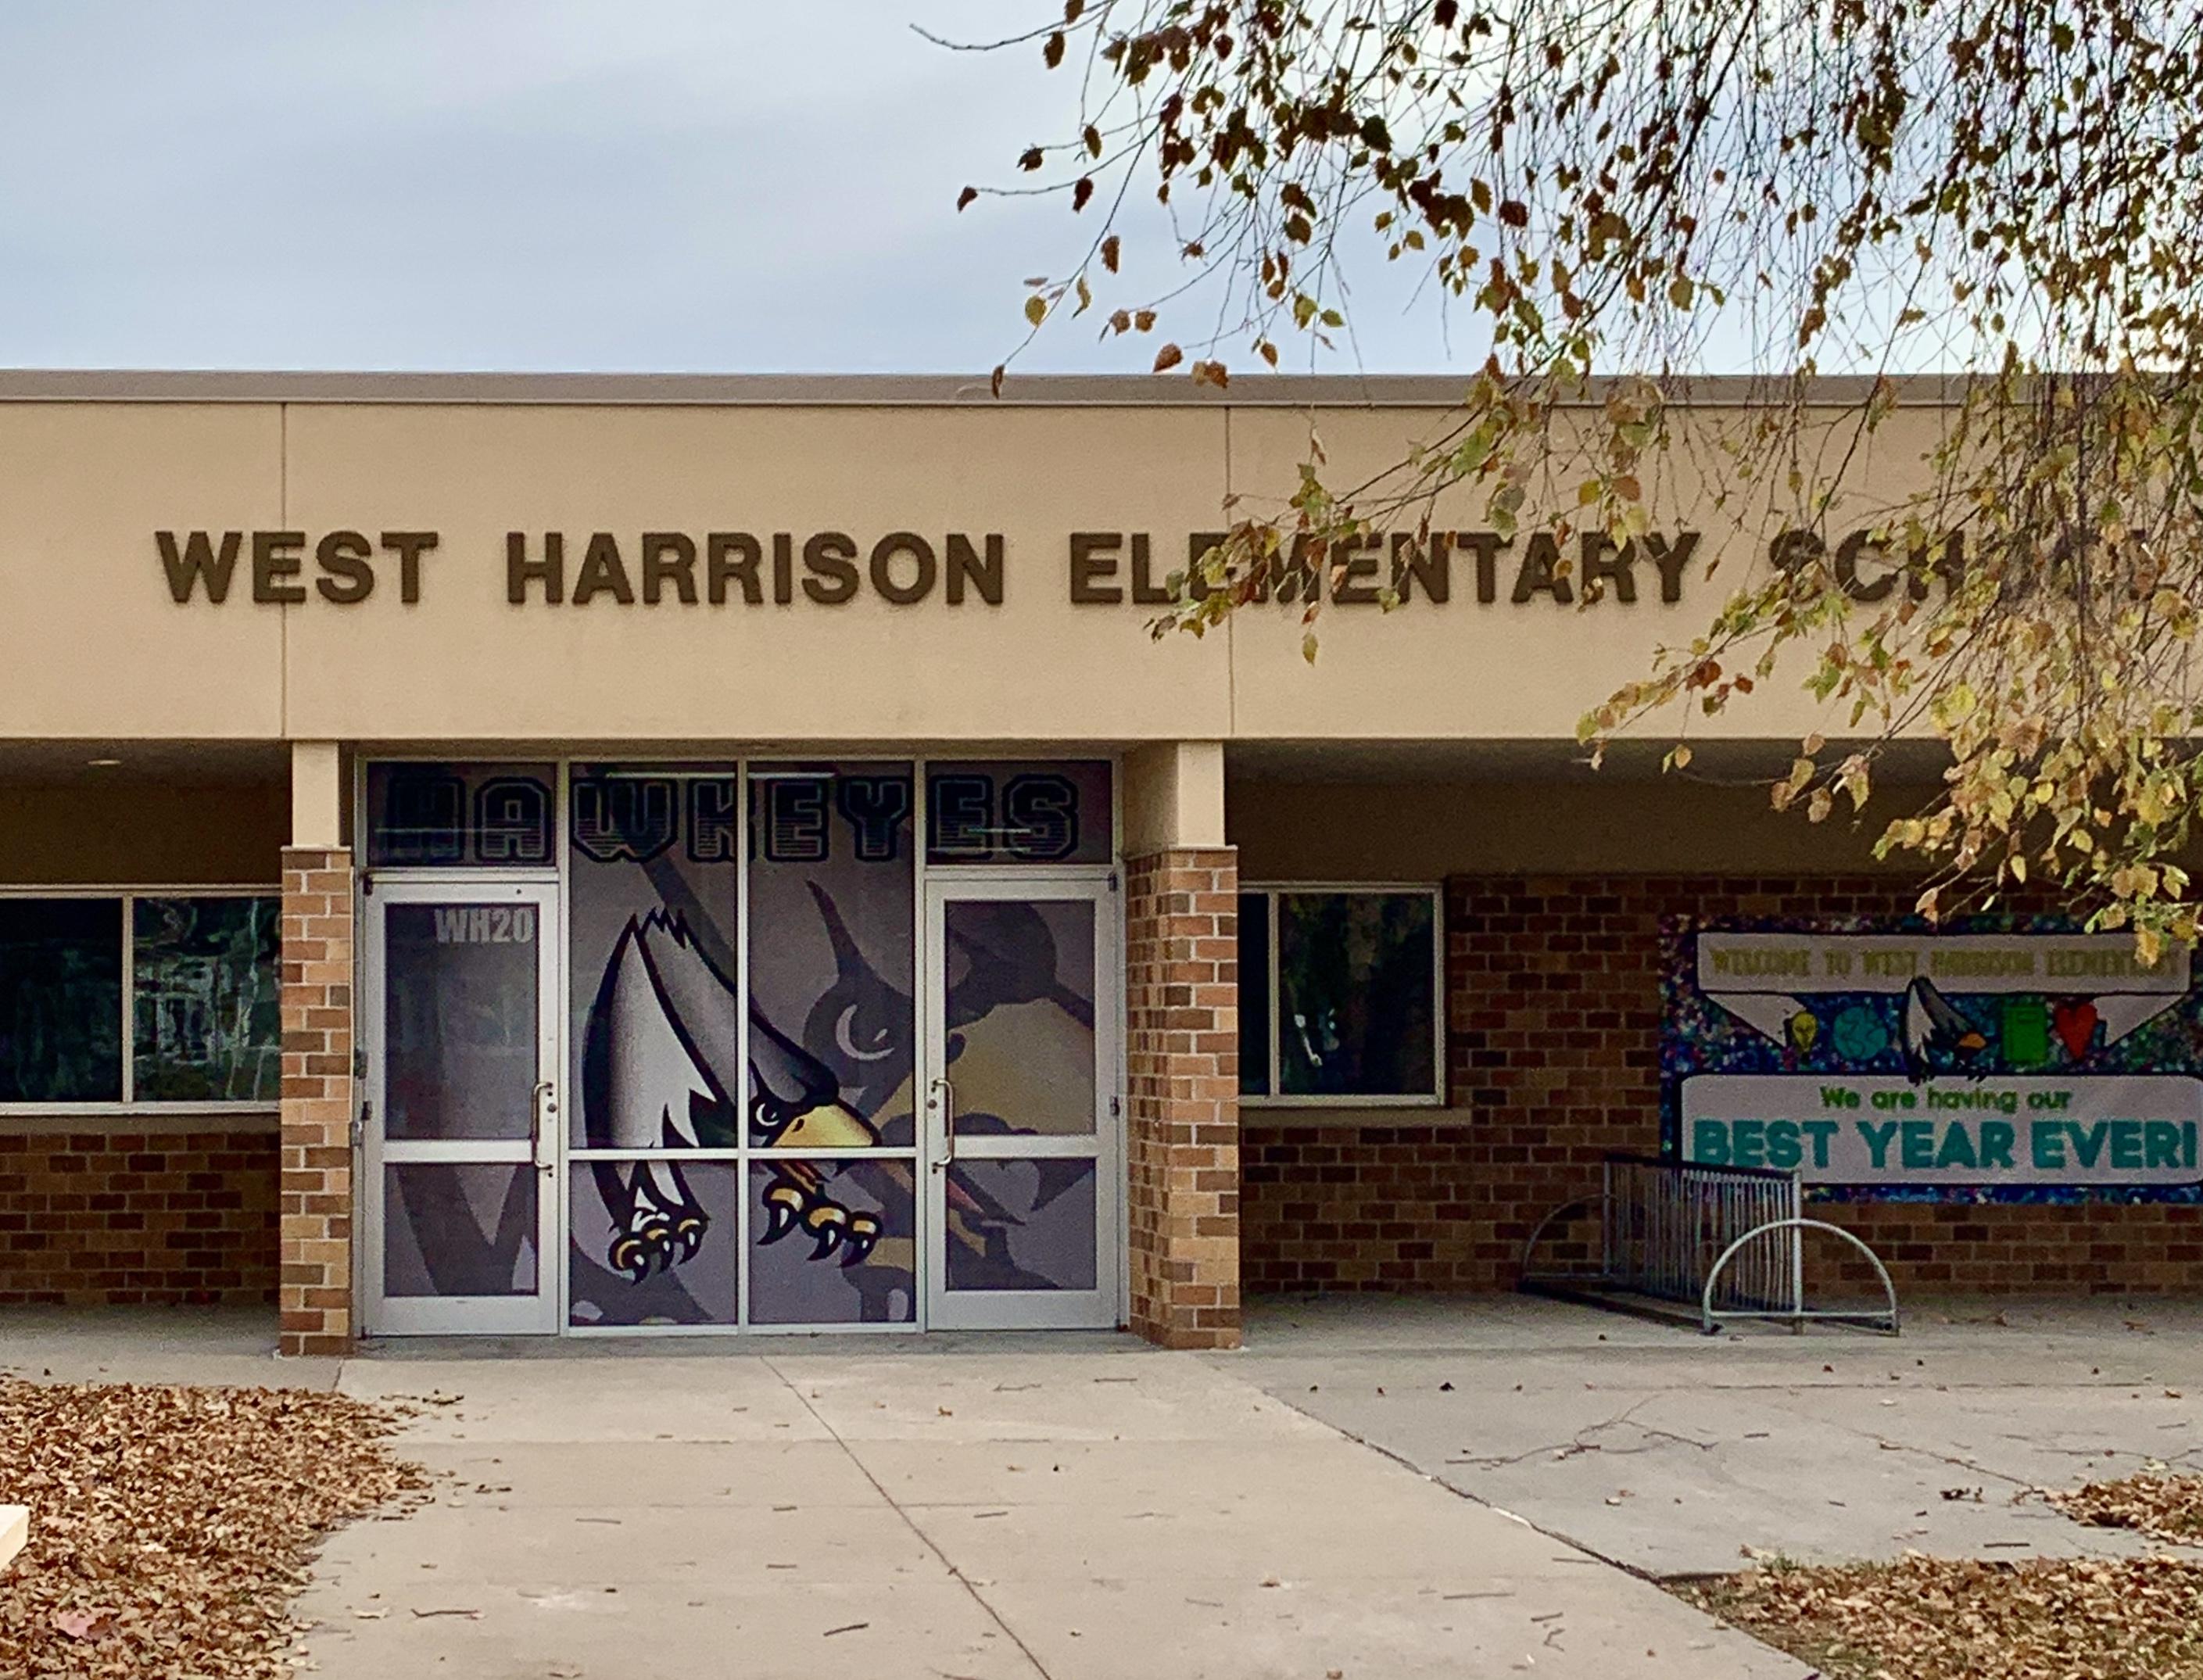 West Harrison Elementary School School Building